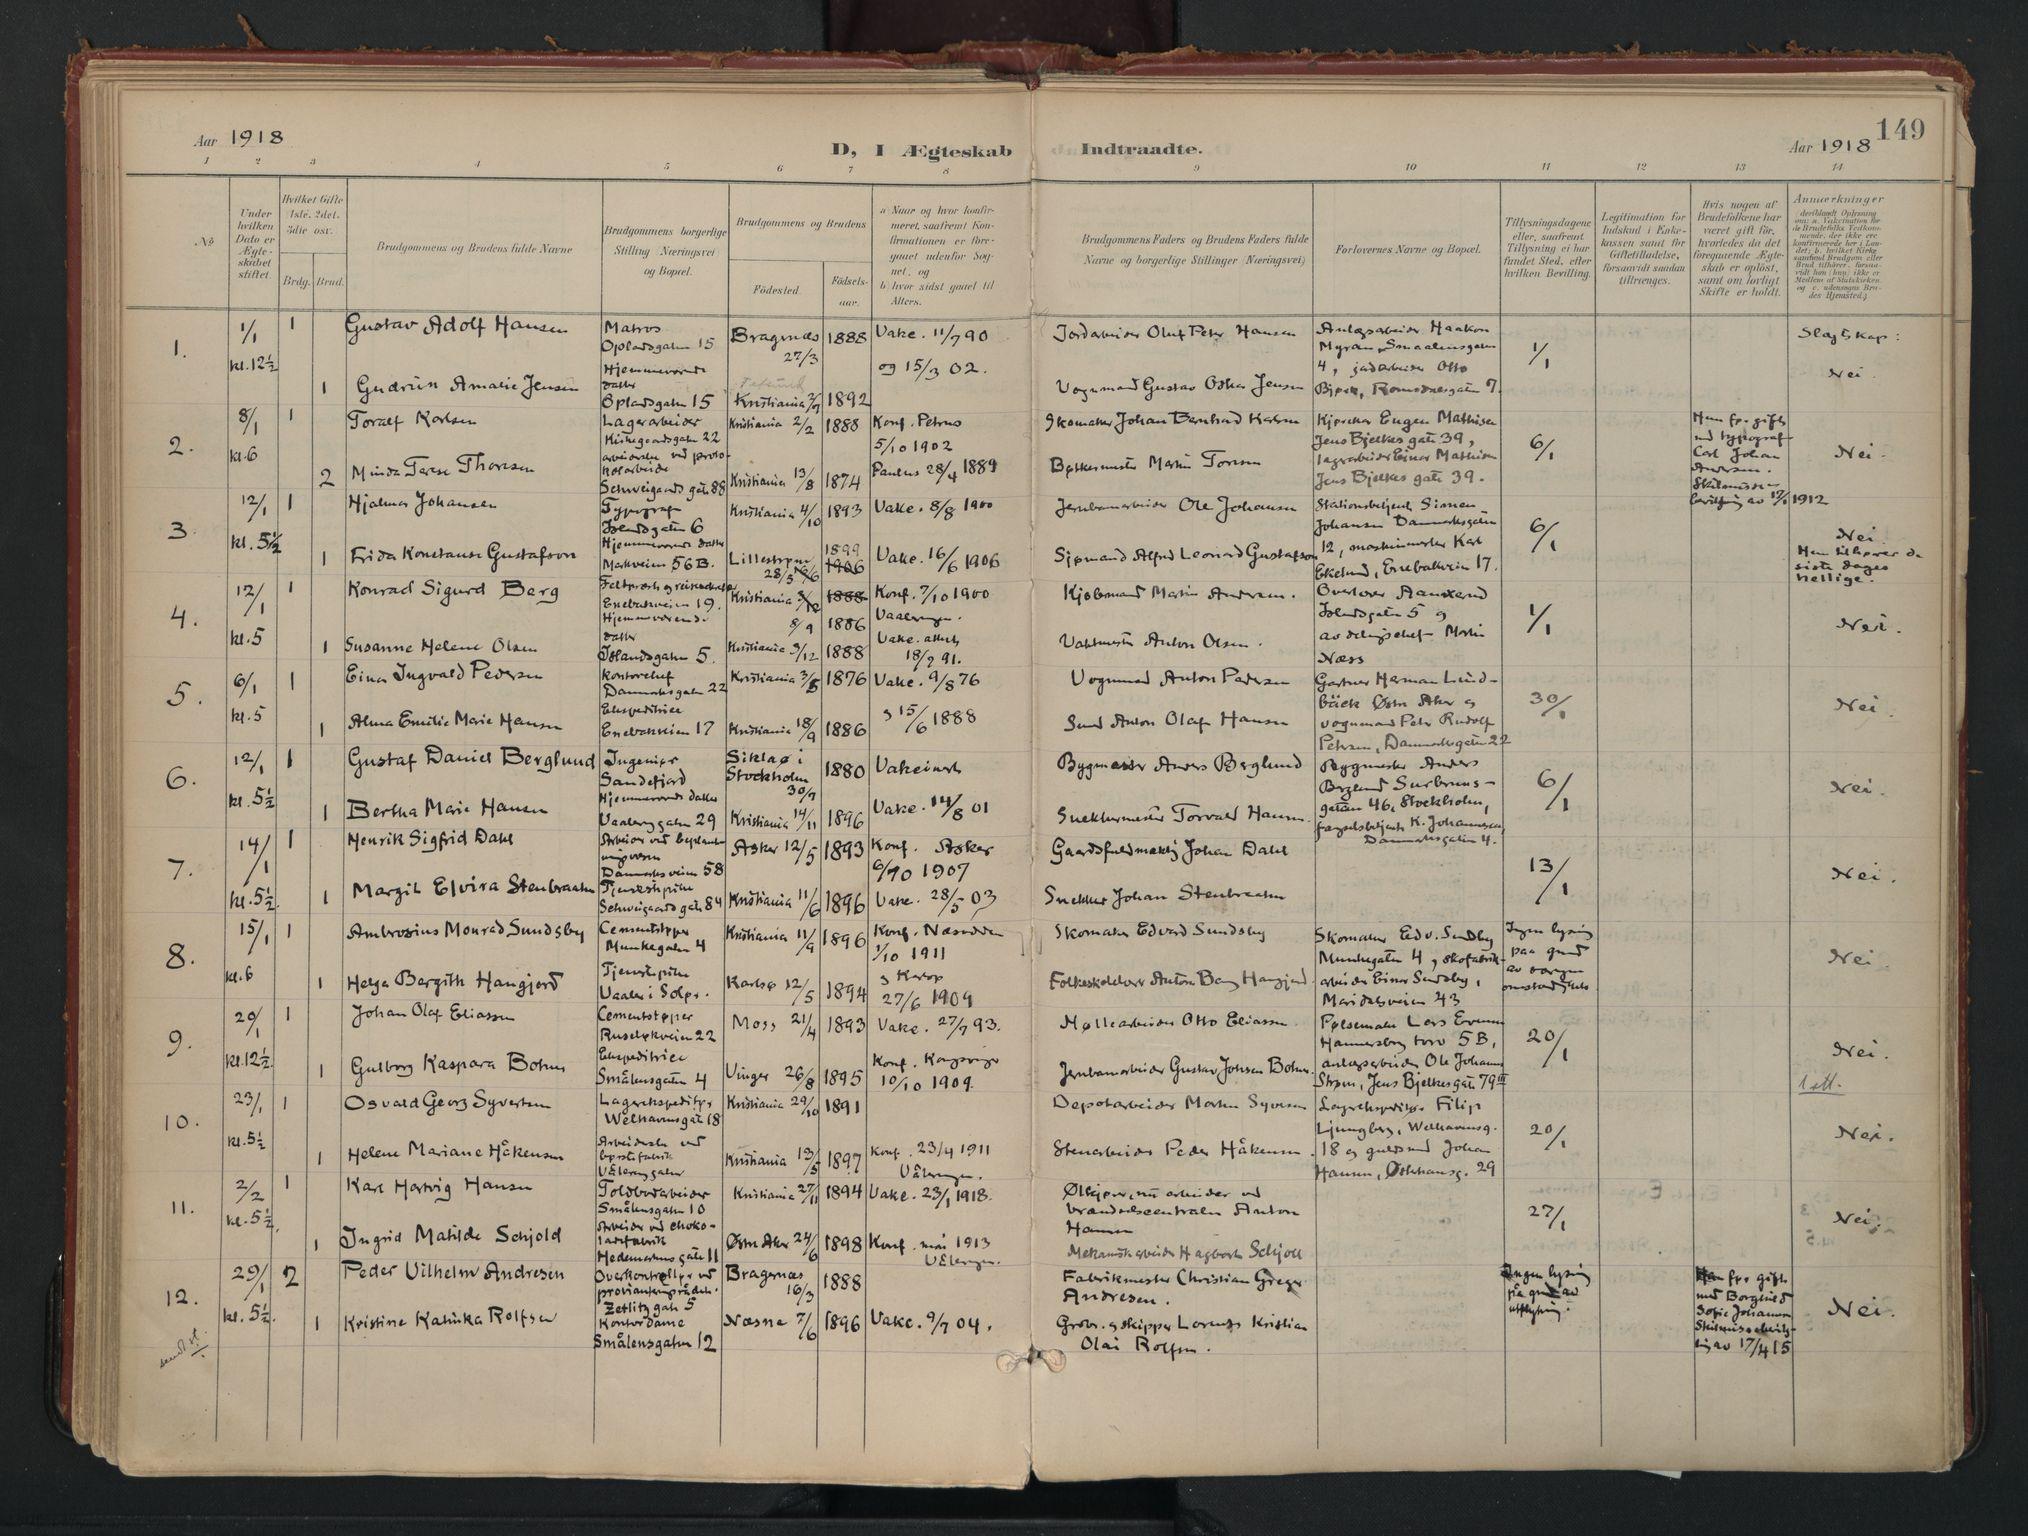 SAO, Vålerengen prestekontor Kirkebøker, F/Fa/L0002: Ministerialbok nr. 2, 1899-1924, s. 149